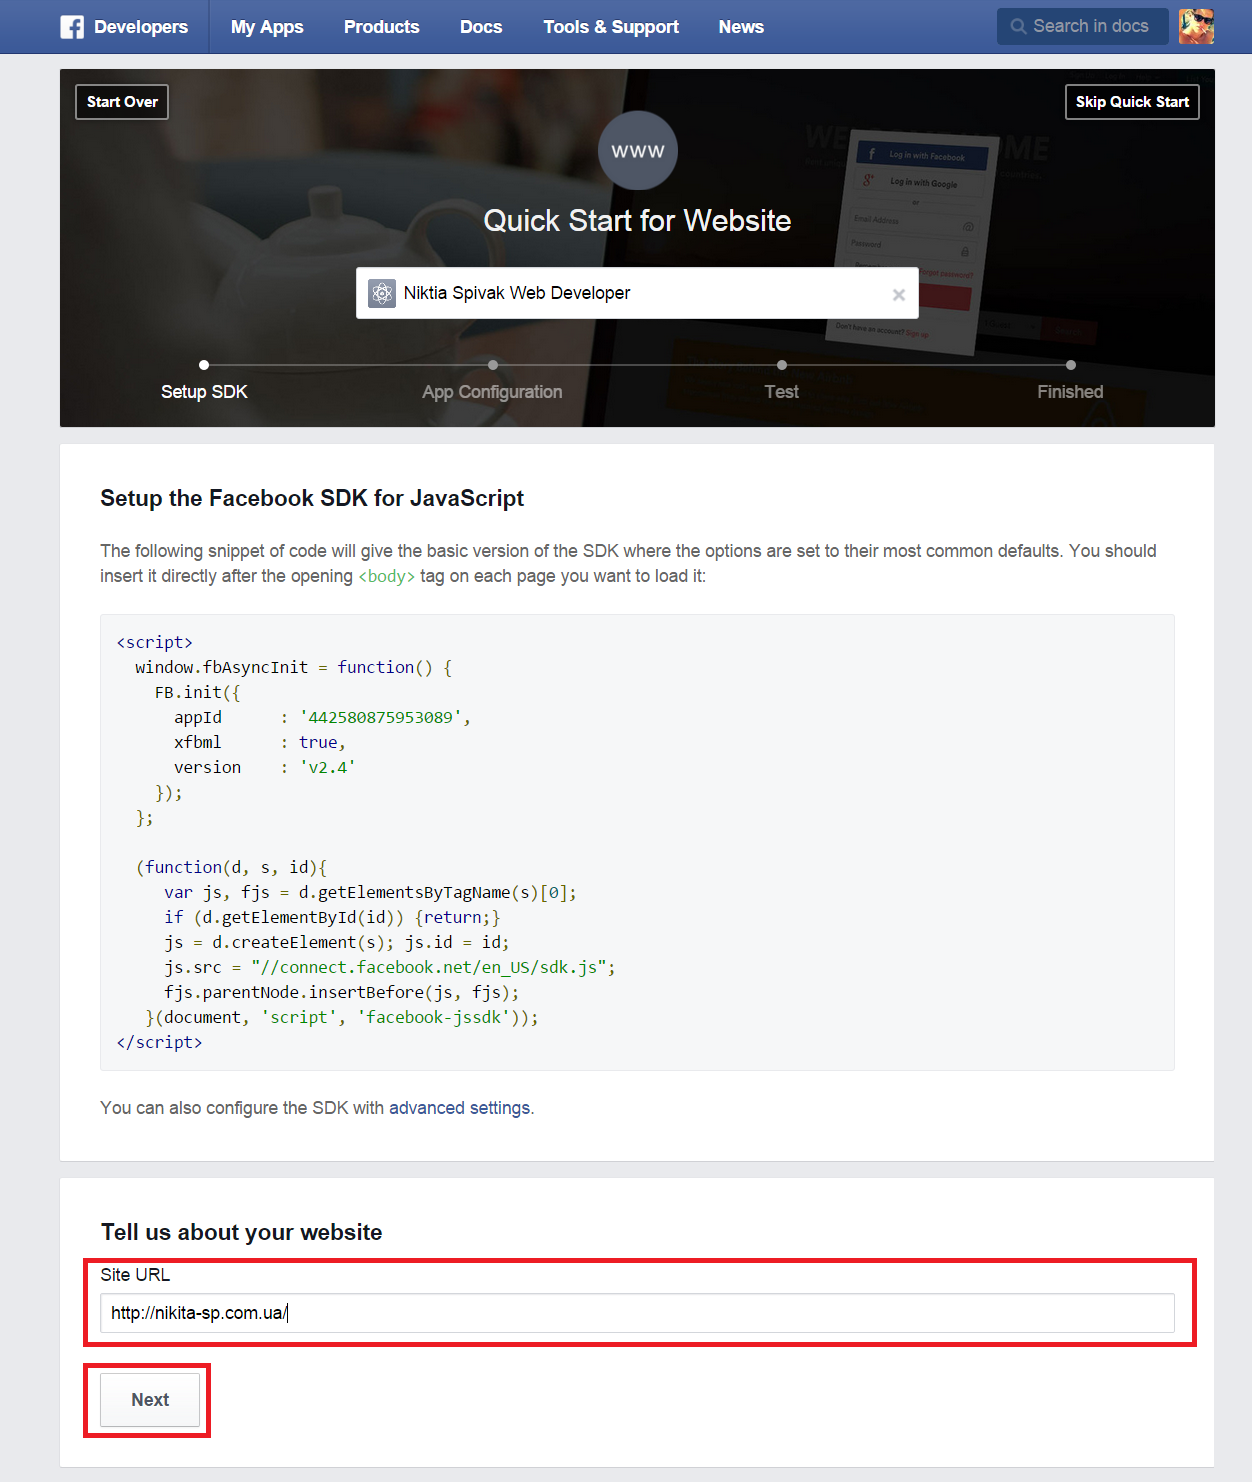 Создание приложений для авторизации через социальные сети - Facebook 4